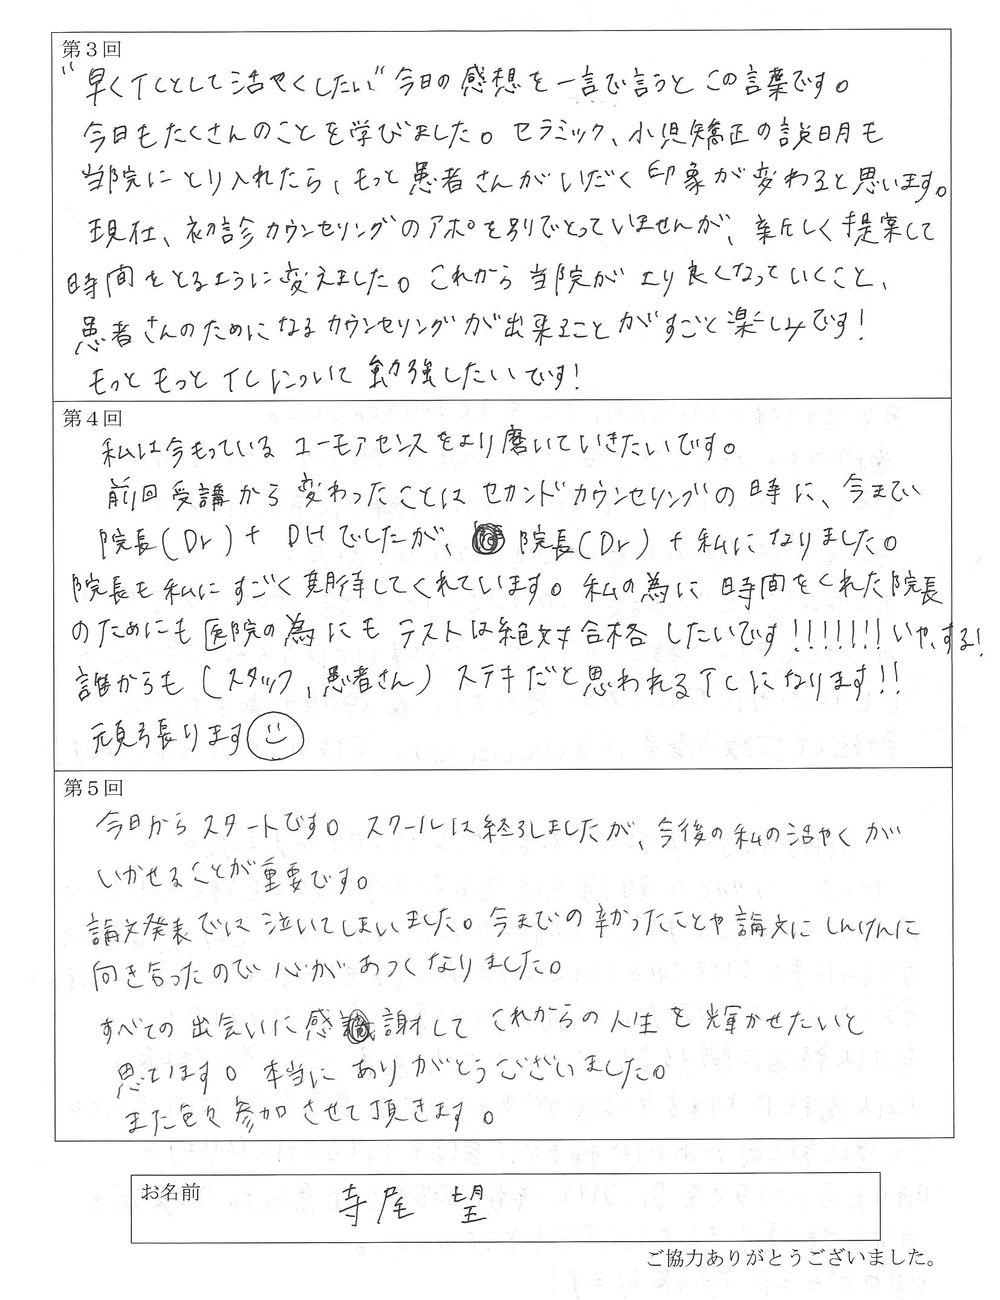 寺尾 望様アンケート